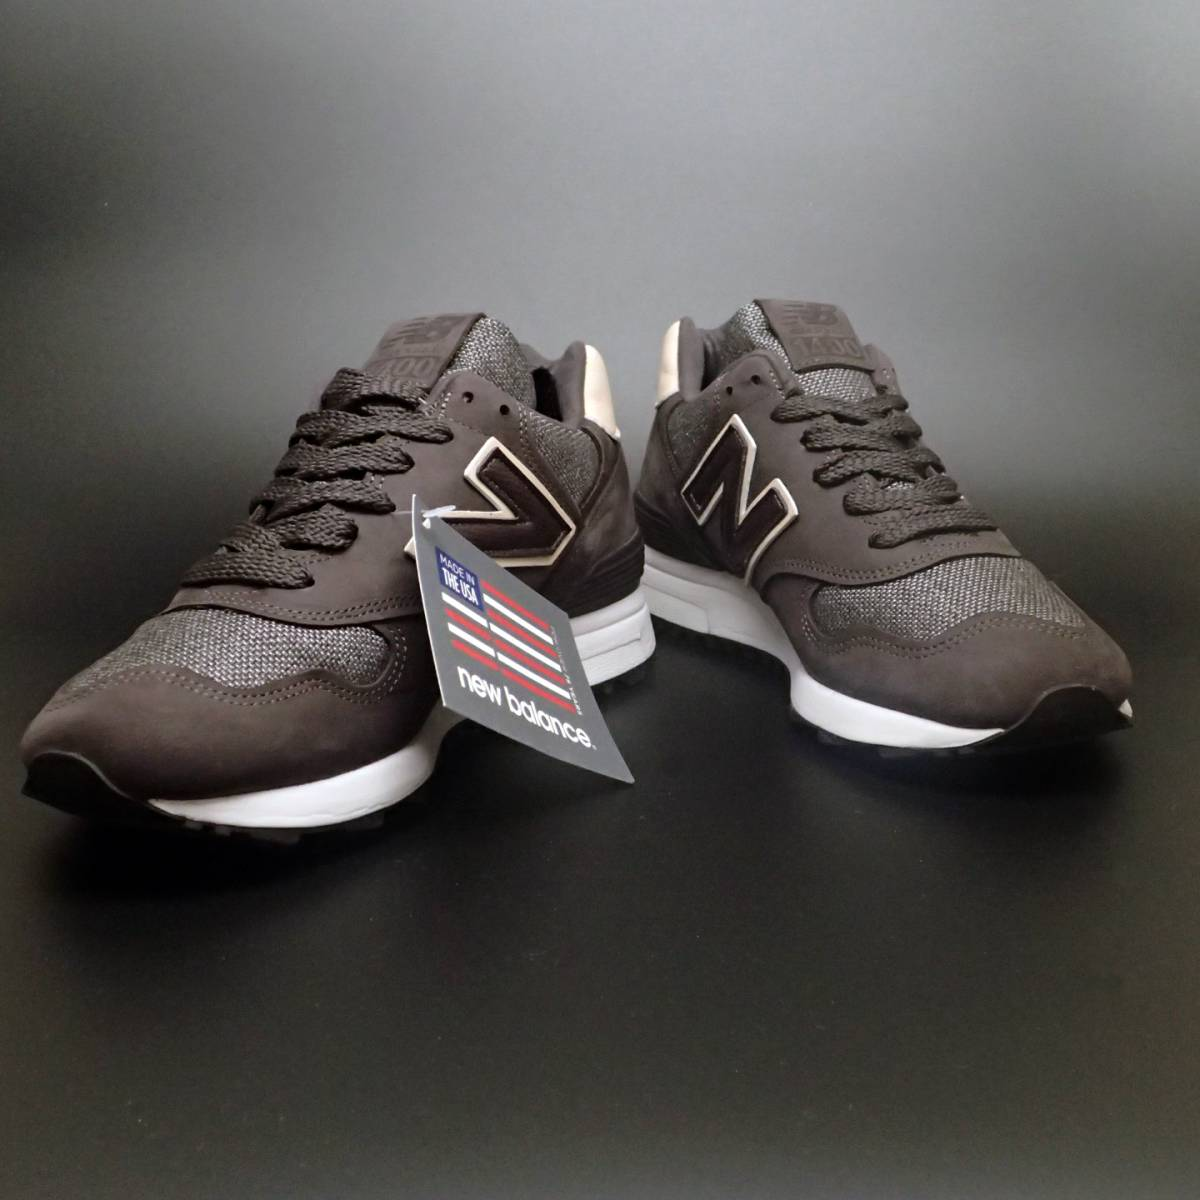 f23babe9748f6 【廃盤モデル】ニューバランス New Balance W1400CM US7.5 24.5cm アメリカ製 USA